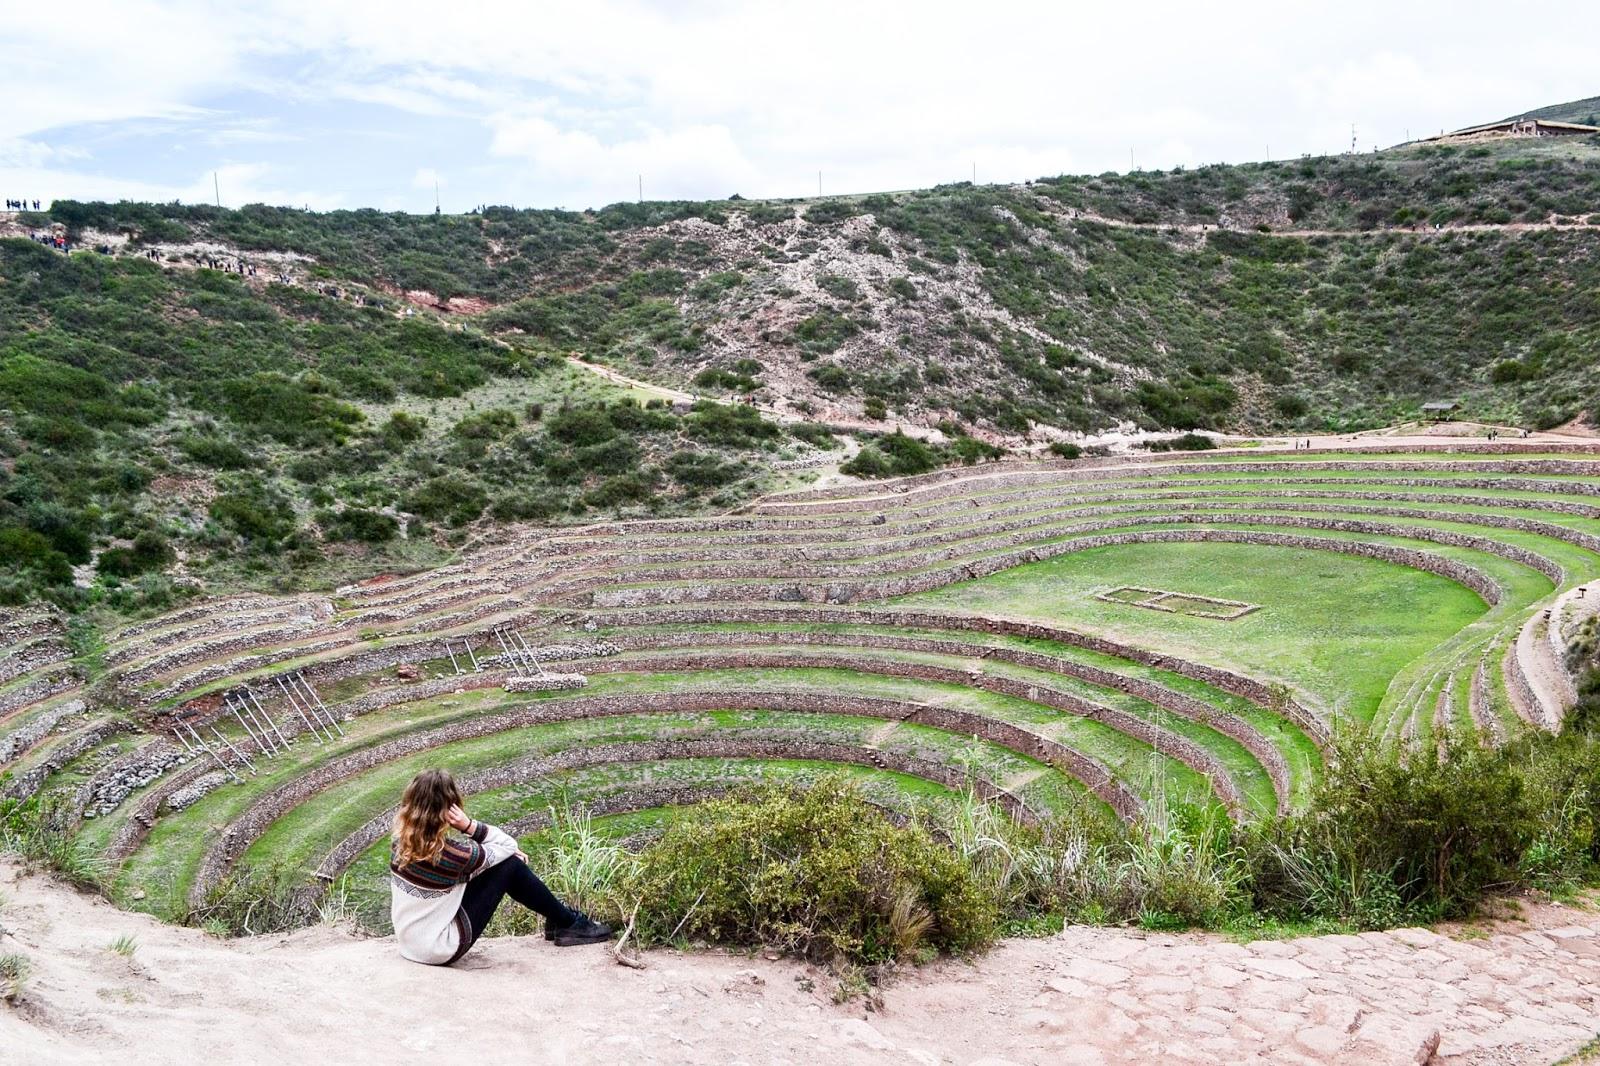 Maras, Moray, Peru, ejnets.com